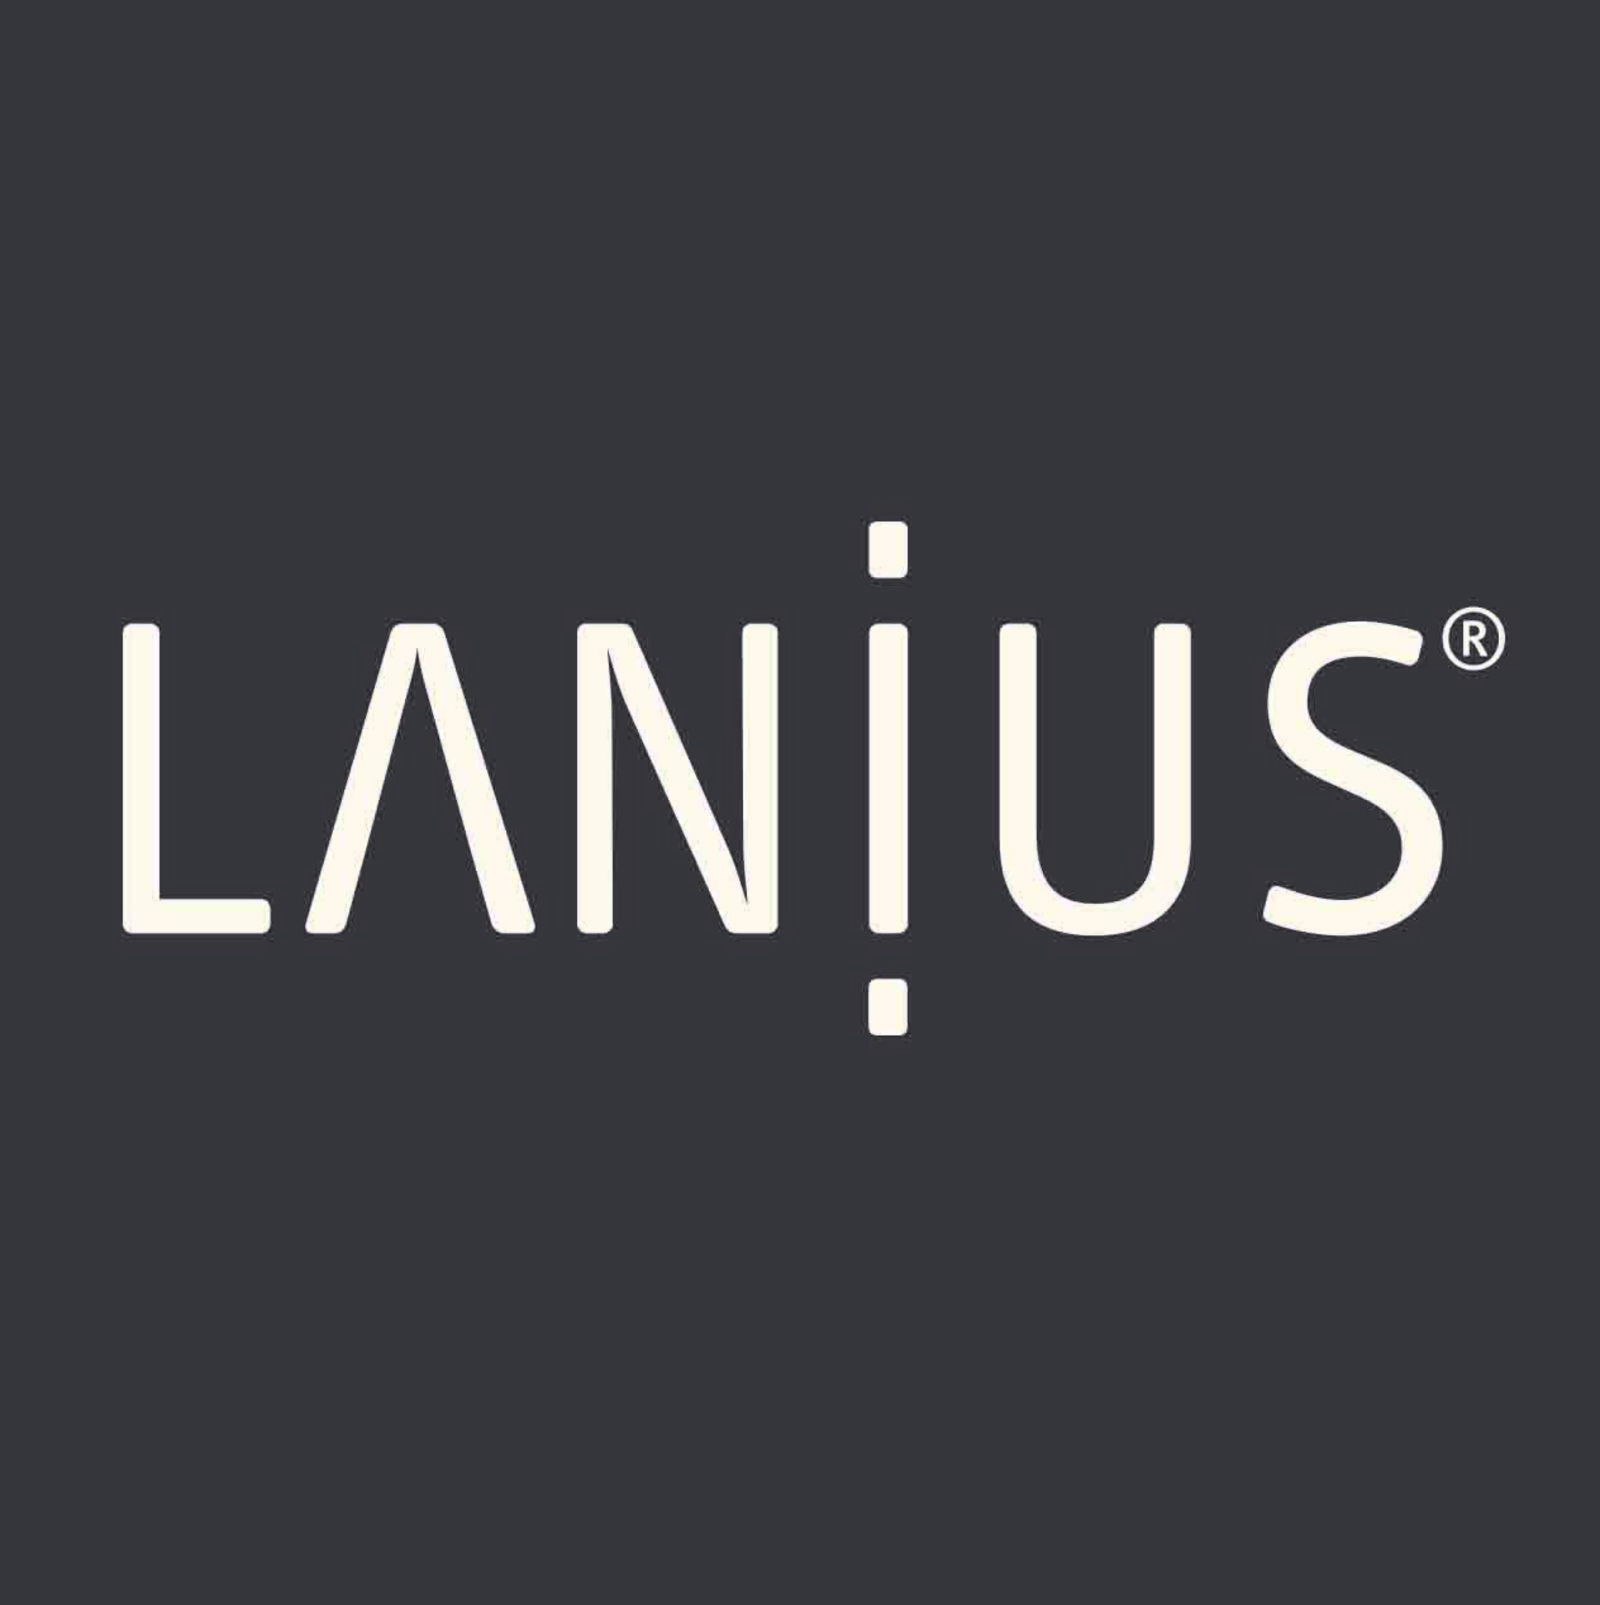 LANIUS (Bild 1)